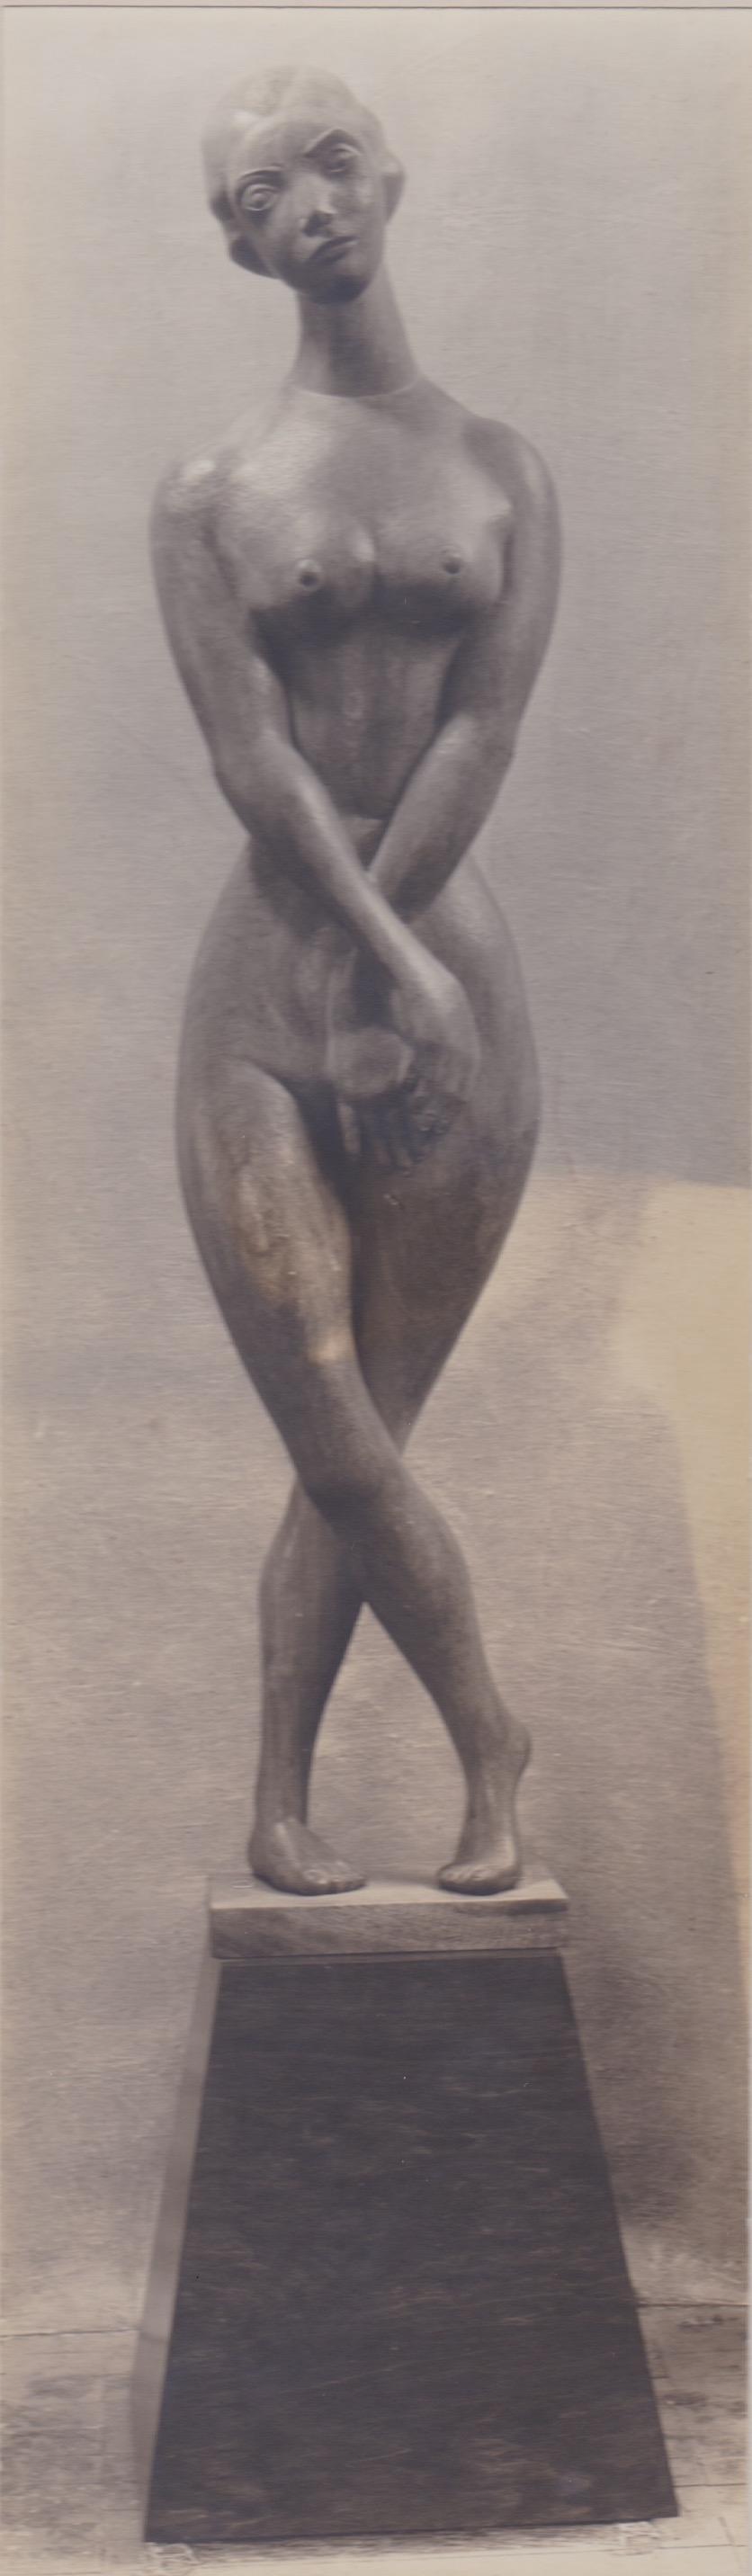 Eve - 1936